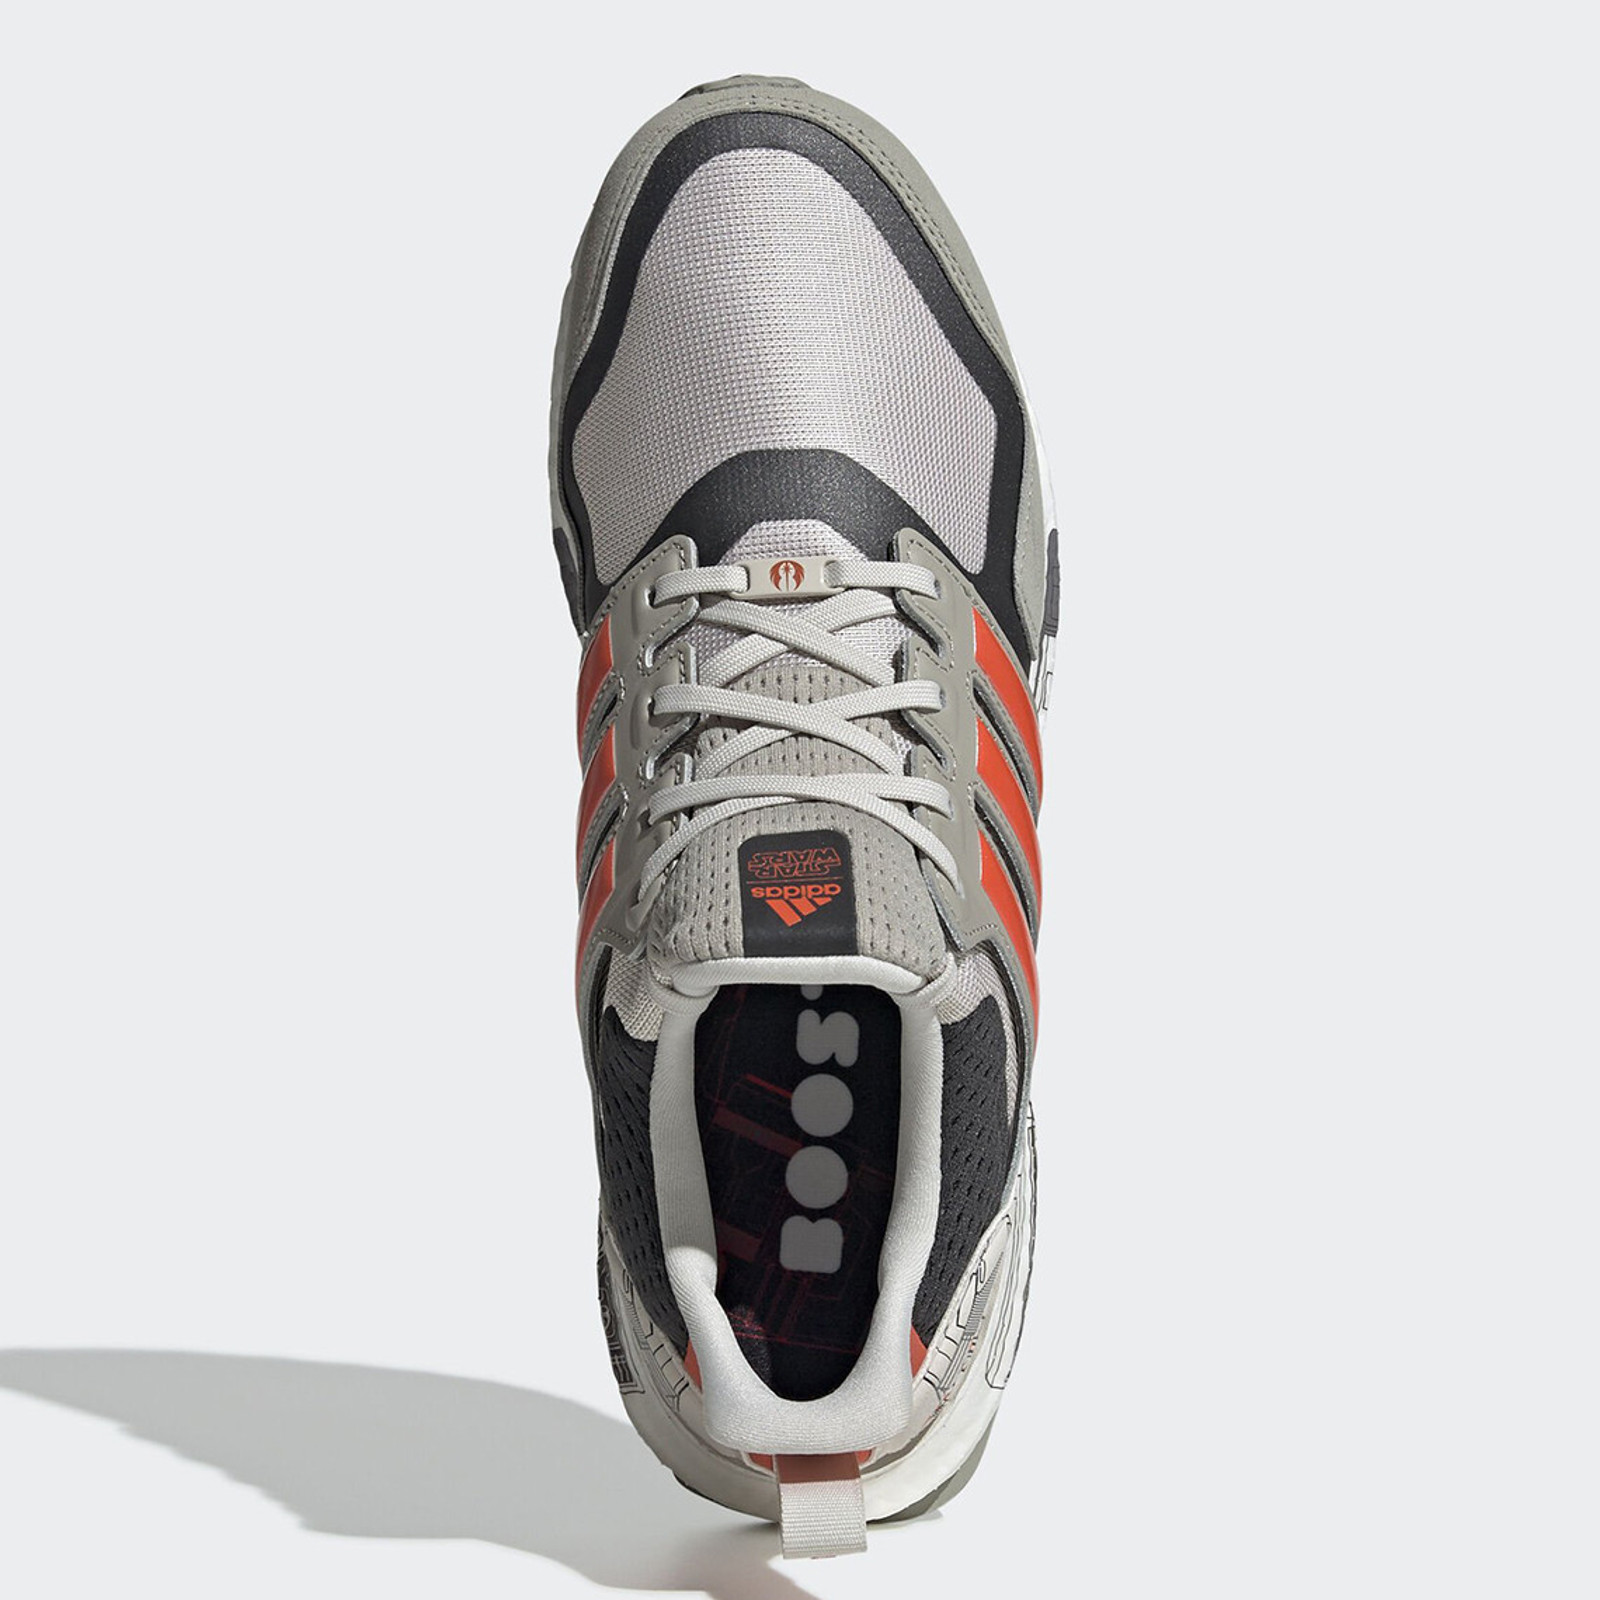 den auf bringt Sneaker Markt Adidas Wars neue Star H2eDE9IYW